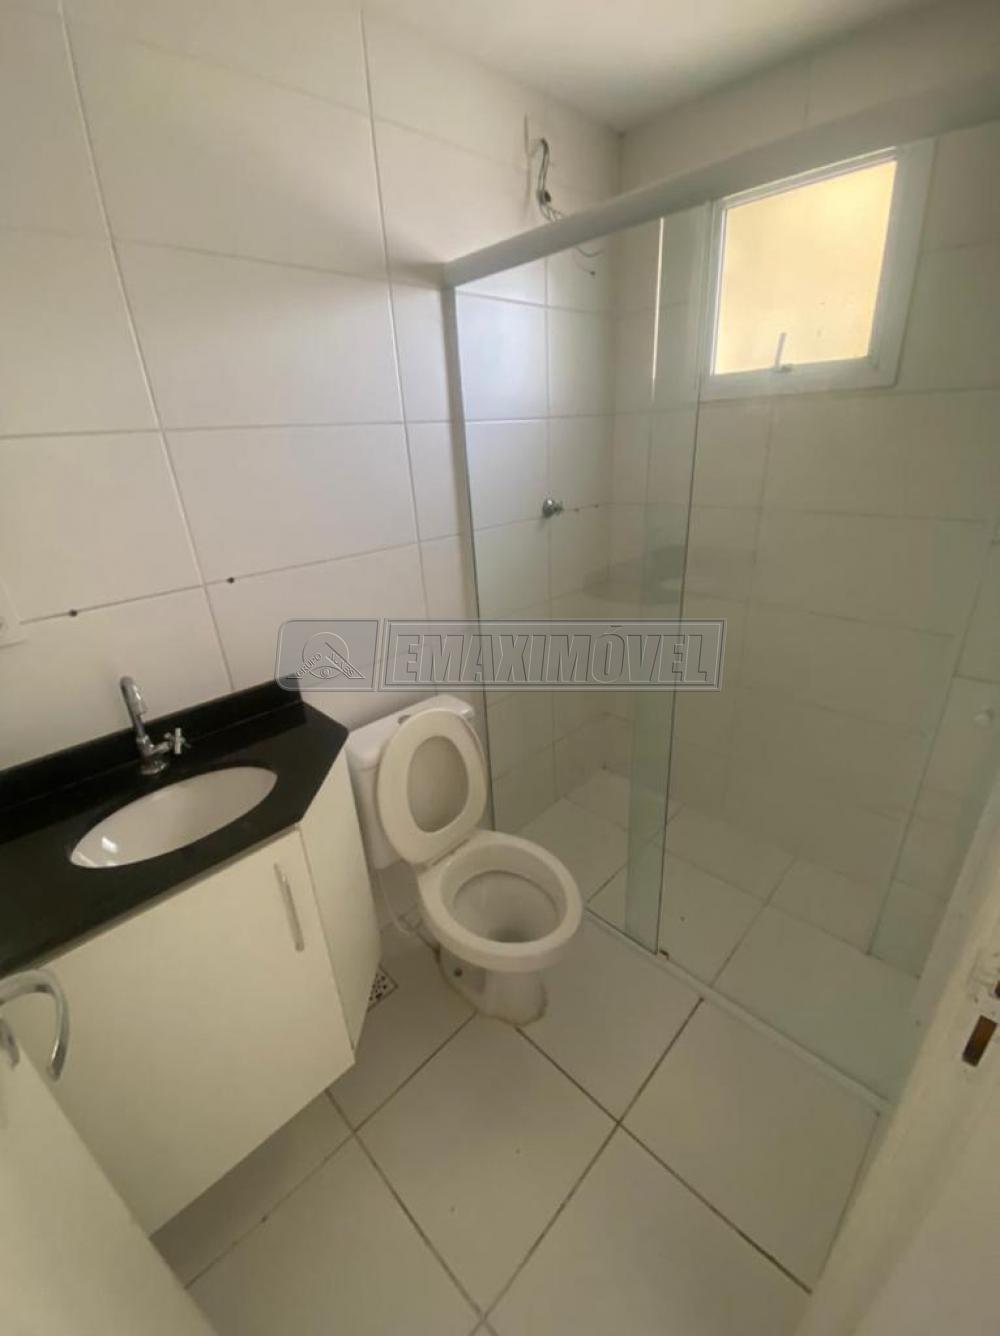 Alugar Casa / em Condomínios em Votorantim R$ 1.200,00 - Foto 10